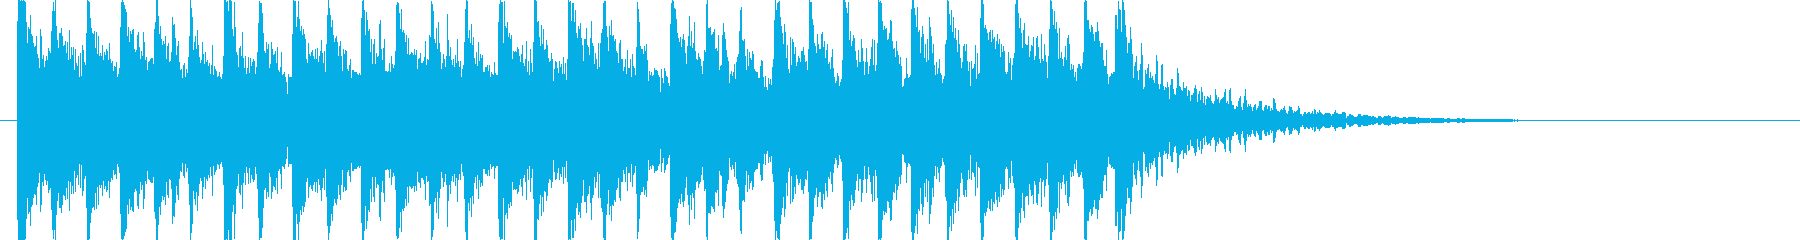 躍動感溢れる和風BGM!!の再生済みの波形